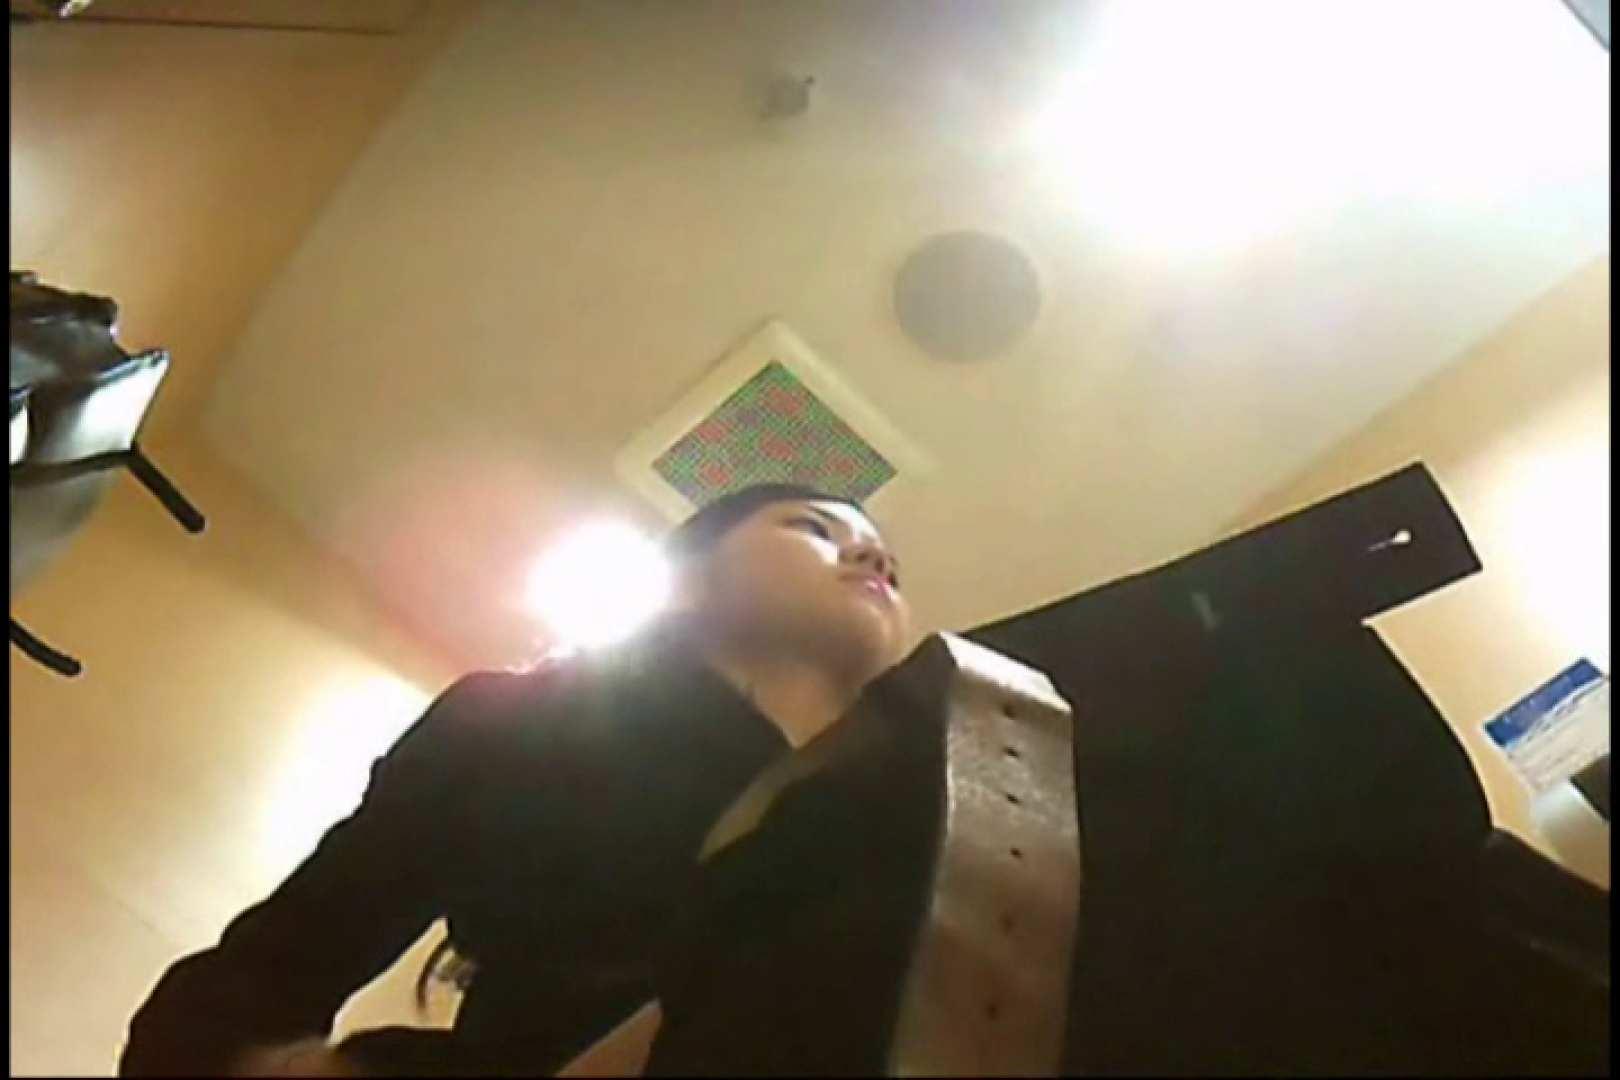 画質向上!新亀さん厠 vol.83 マンコエロすぎ 盗撮動画紹介 94PIX 13